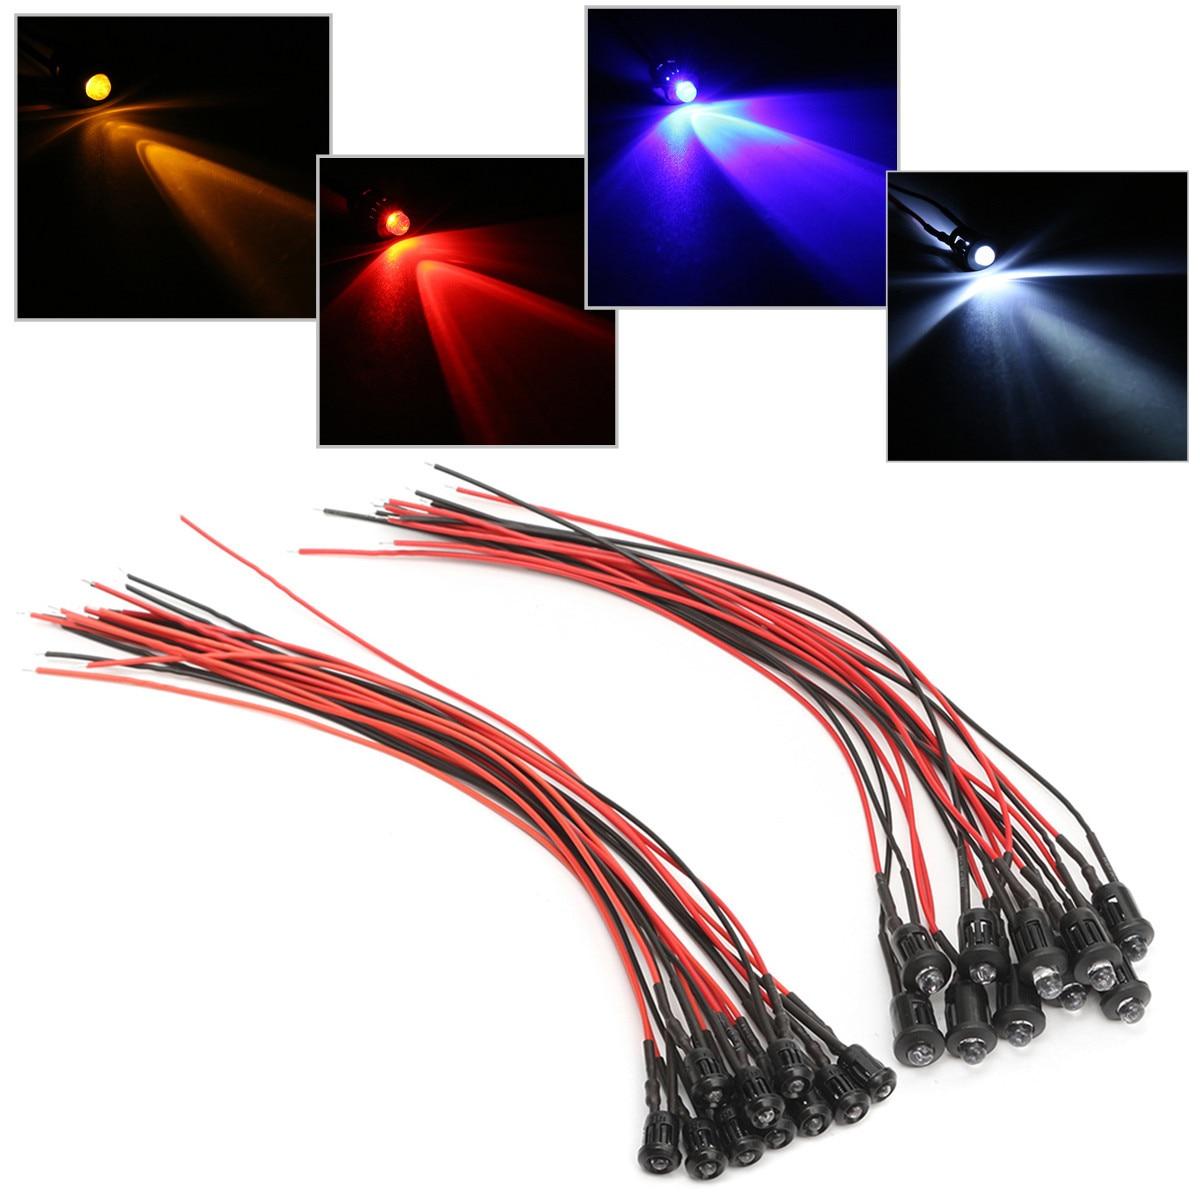 9v 6v 5v Pre-Wired 5mm LED/'s Various Colours Pack of 5 12v